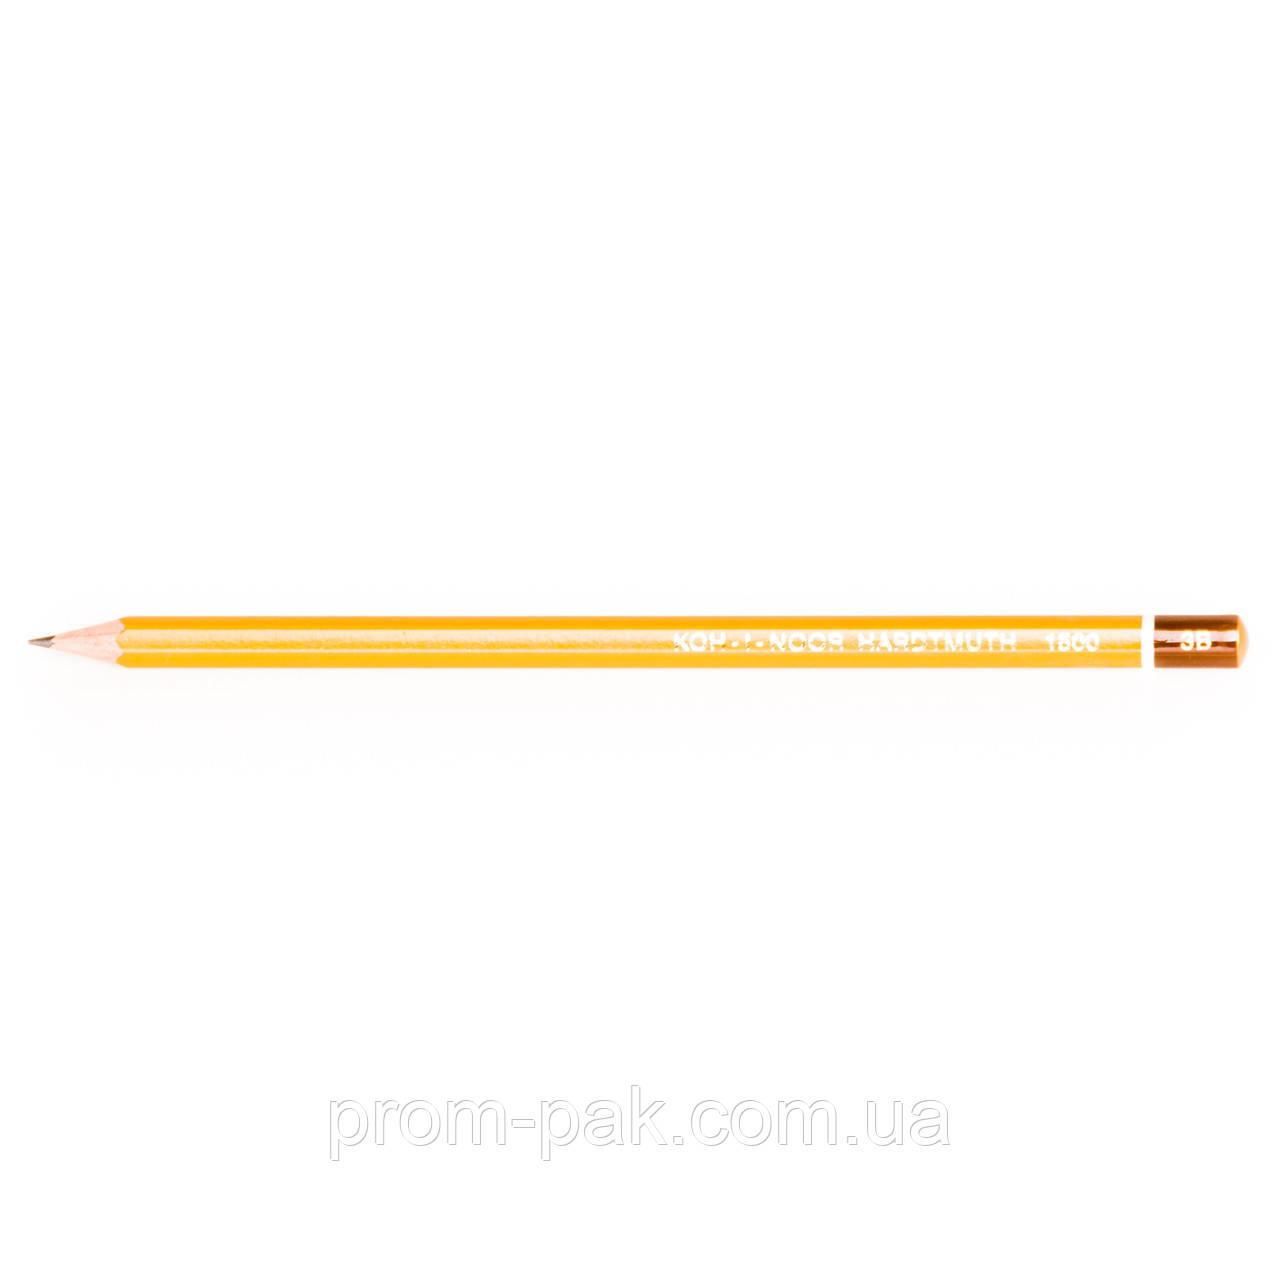 Простые карандаши  koh i noor 3Н